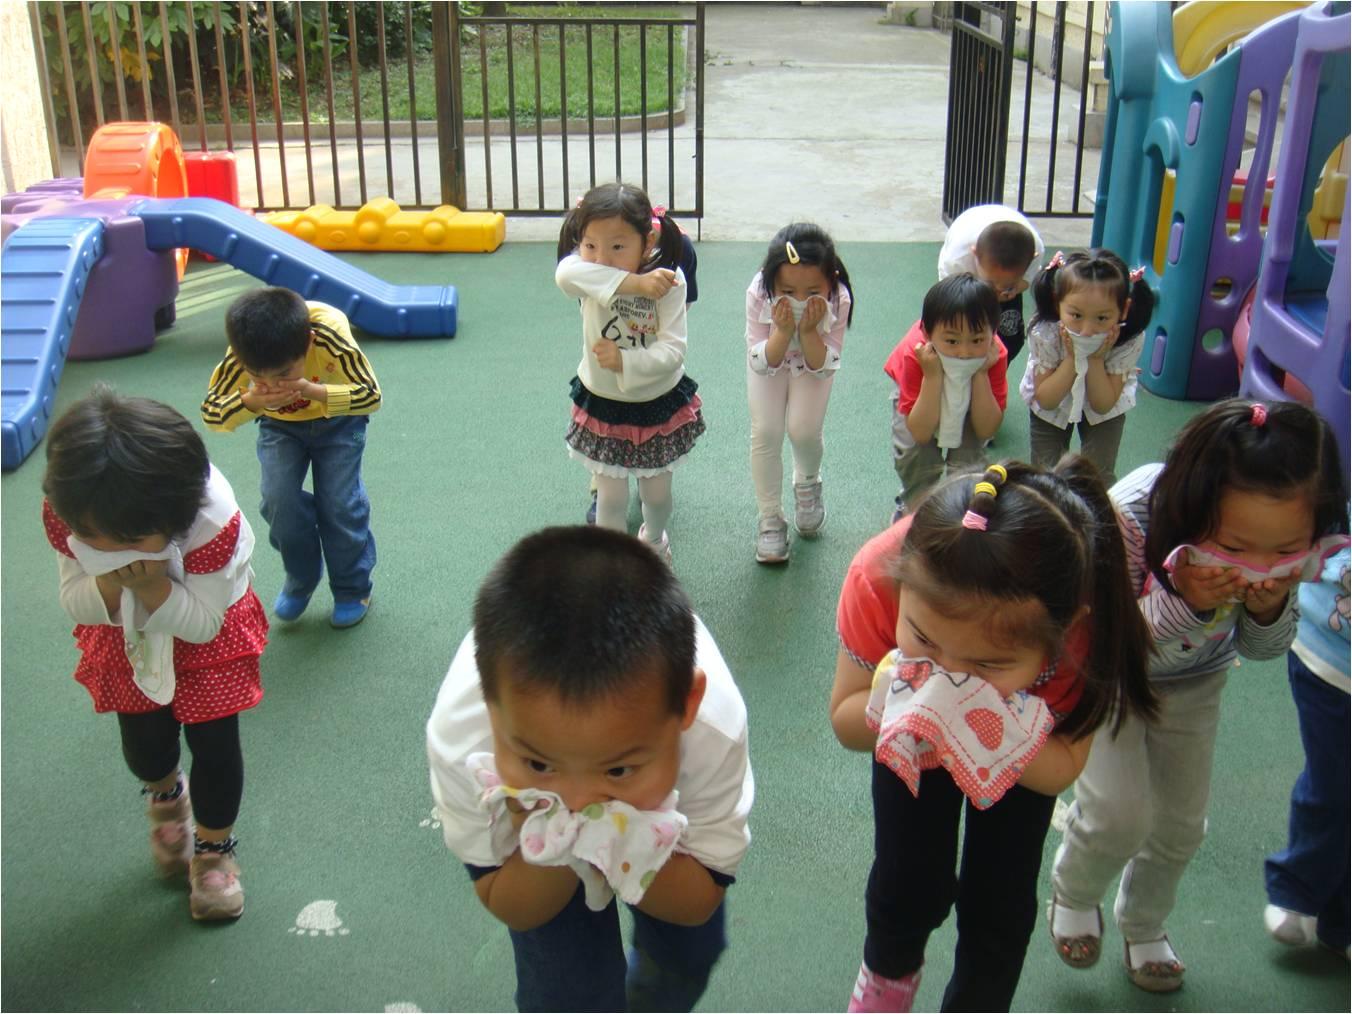 幼儿园消防演练小结_小棋圣幼儿园消防紧急疏散演练活动 - 上海学前